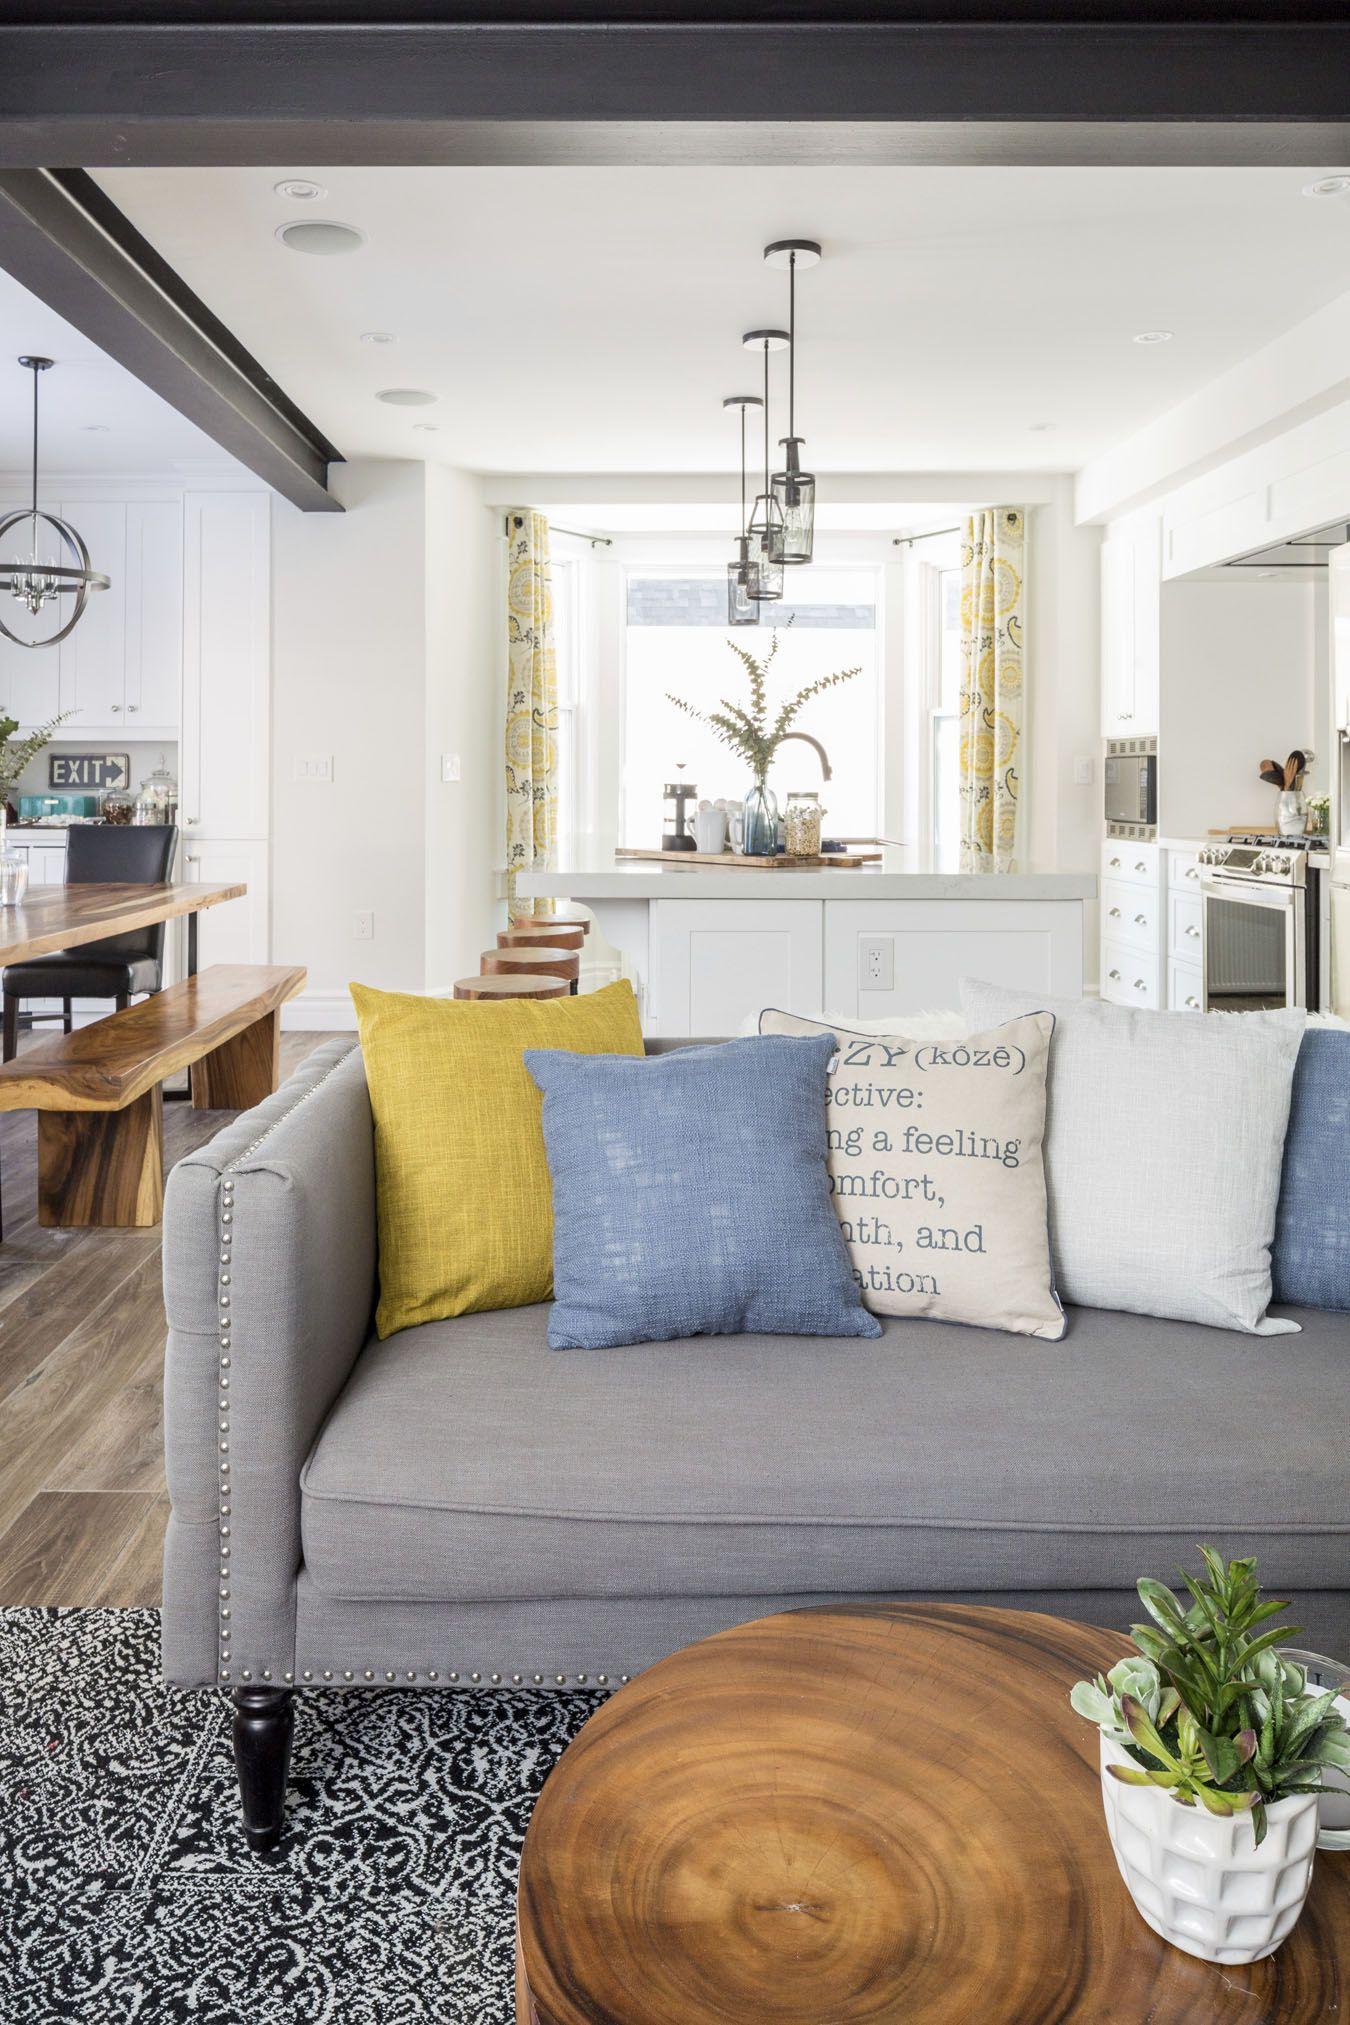 Appartement design aménagement petit studio decoration chouette nouveau appart canapé confortable